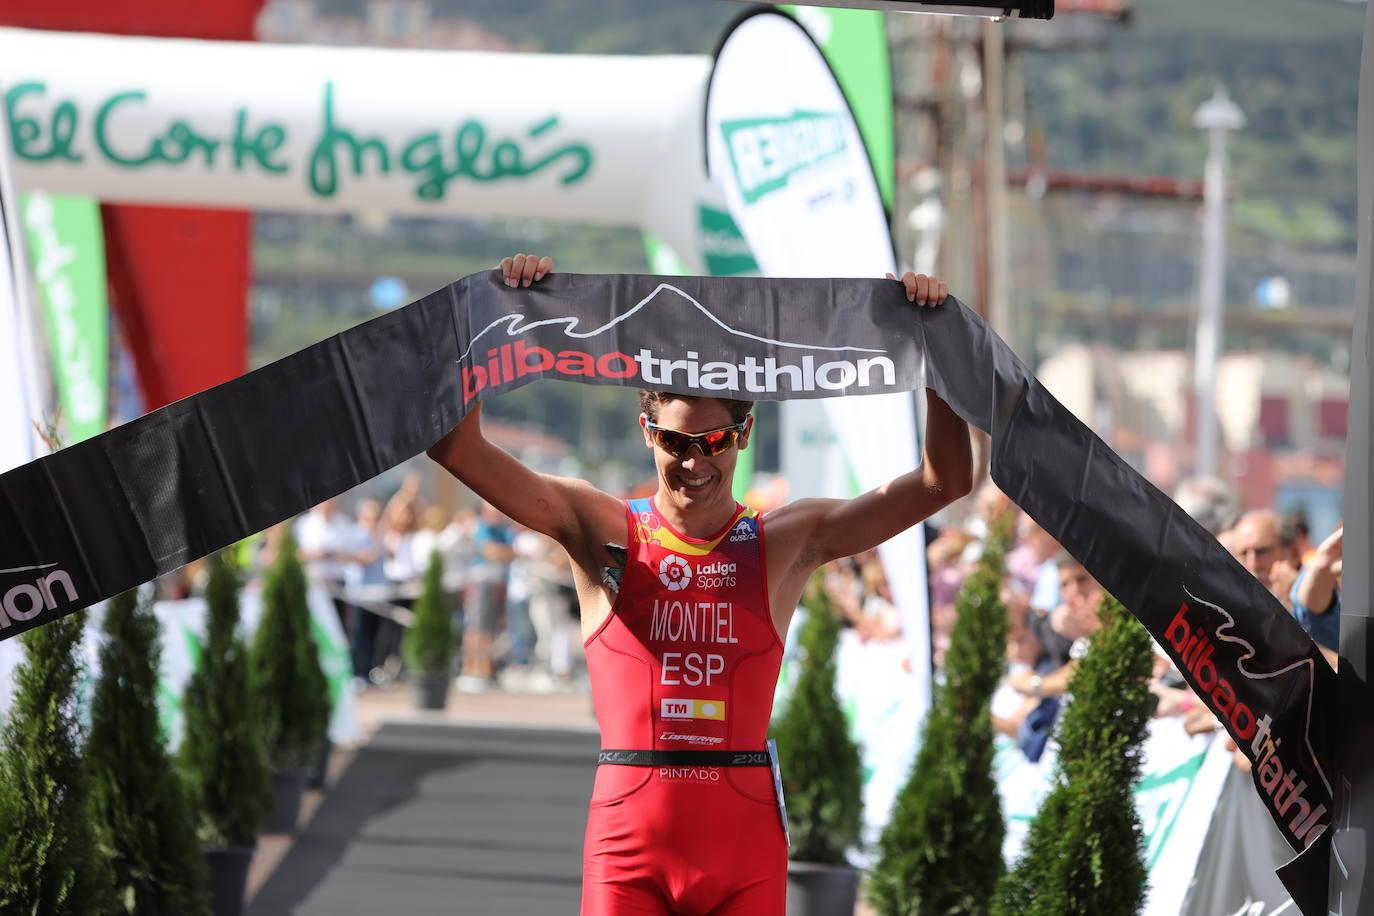 Las mejores imágenes del Bilbao Triatlón 2019